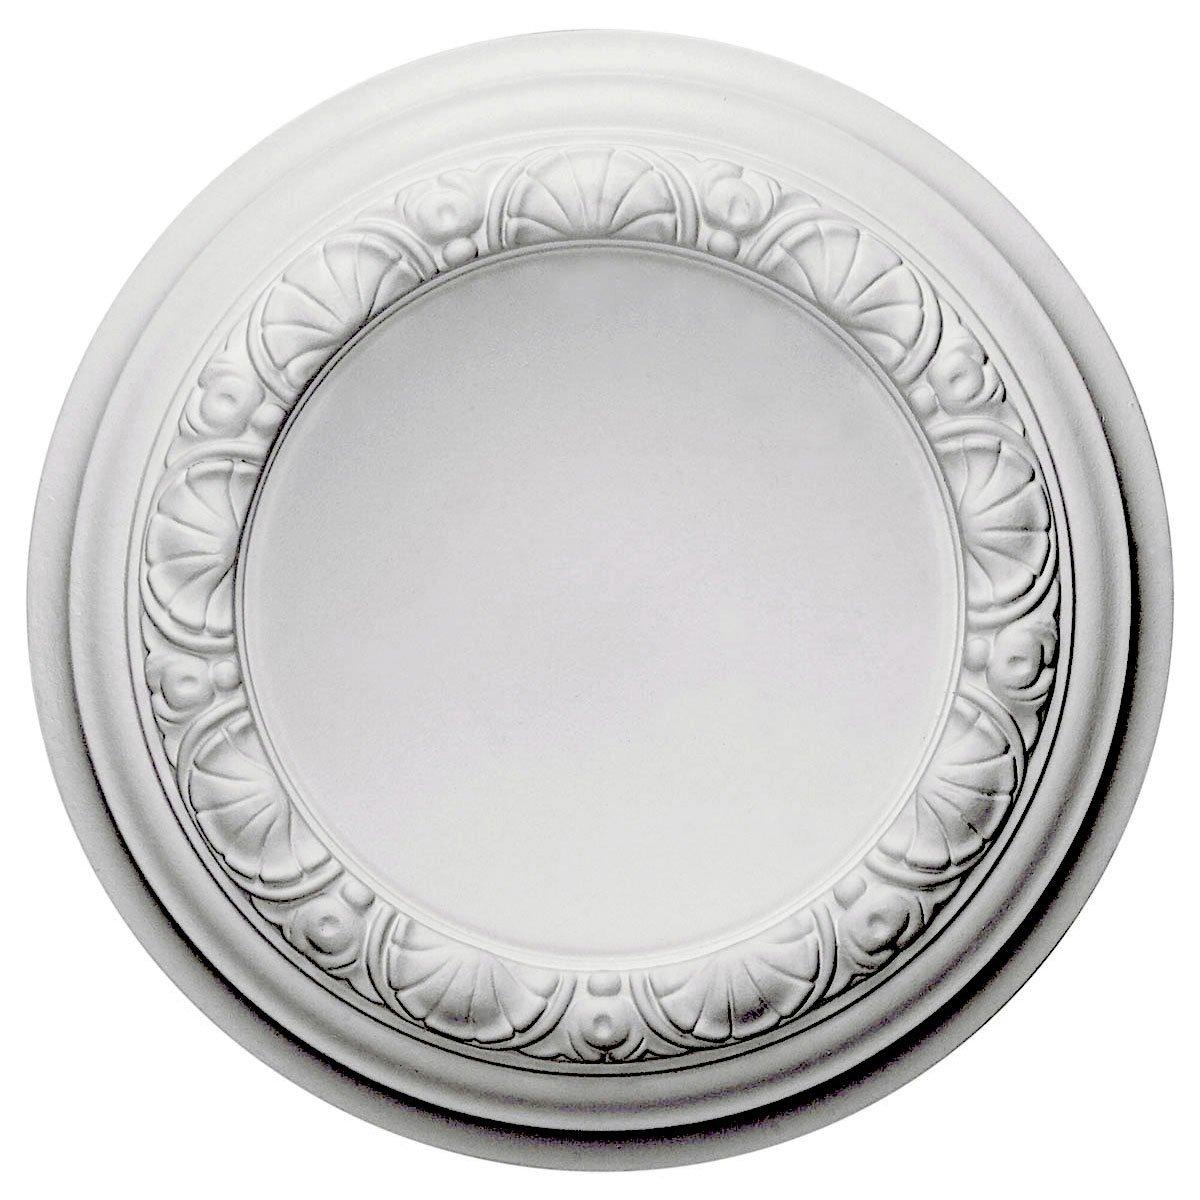 Ekena Millwork CM12CA 12 1/2-Inch OD x 1 1/2-Inch Carlsbad Ceiling Medallion